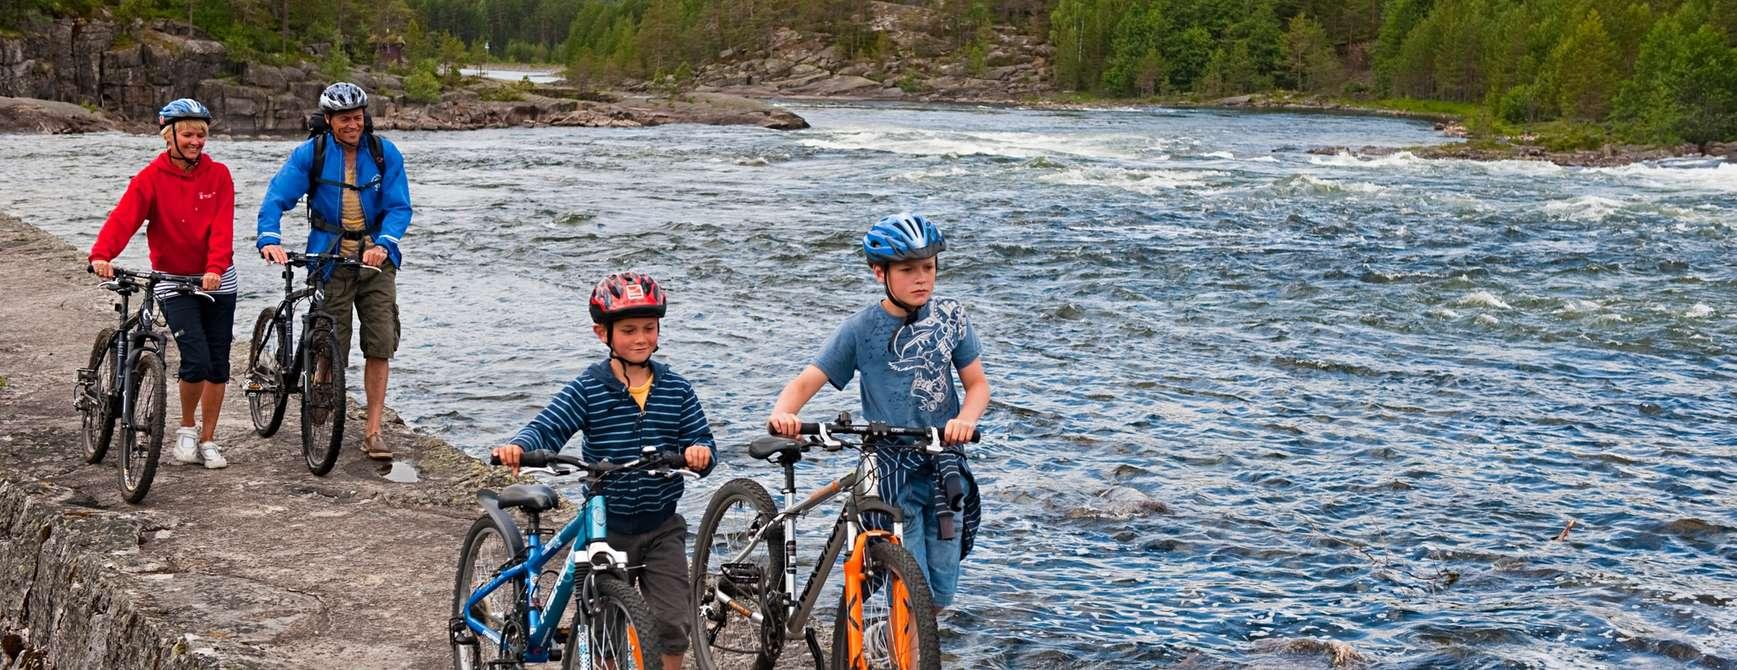 Foto: Terje Rakke / Nordic Life AS - Visitnorway.com